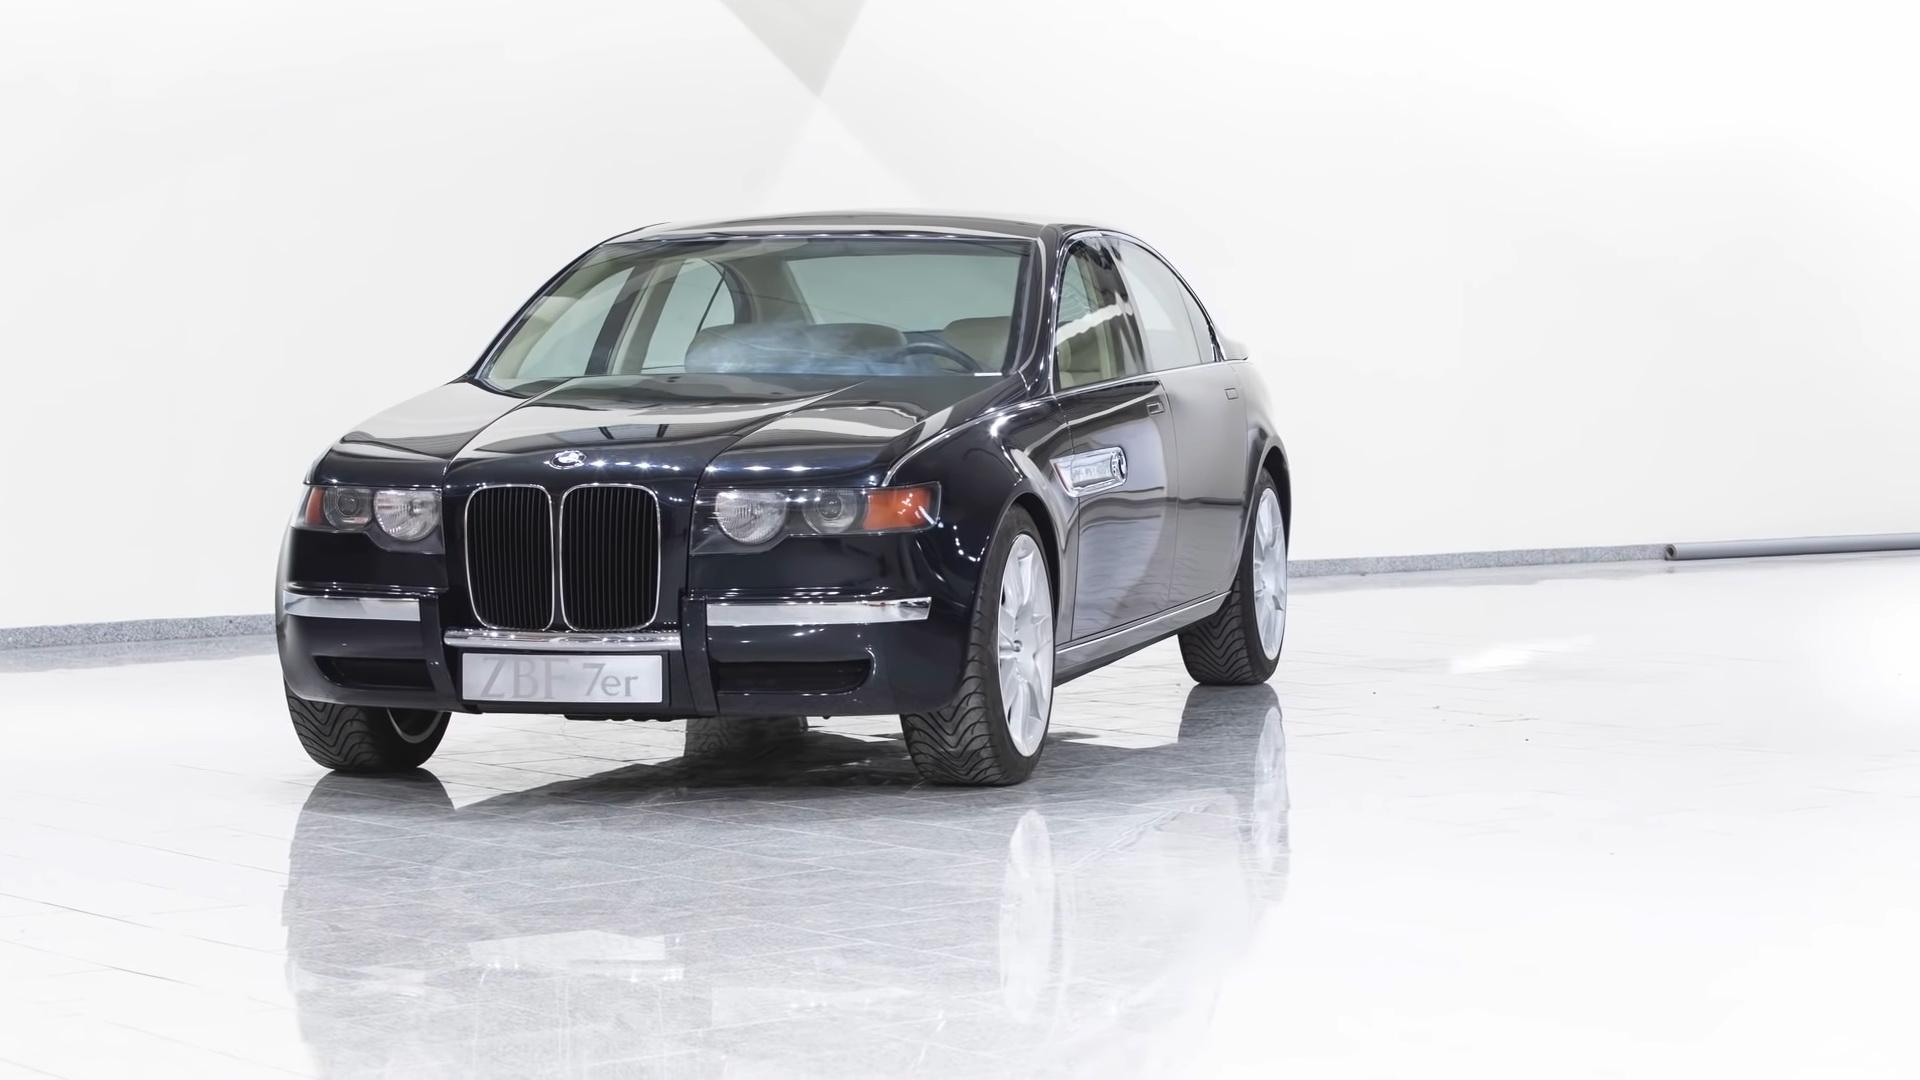 BMW ZBF 7er to koncept z lat 90. z wielkimi nerkami